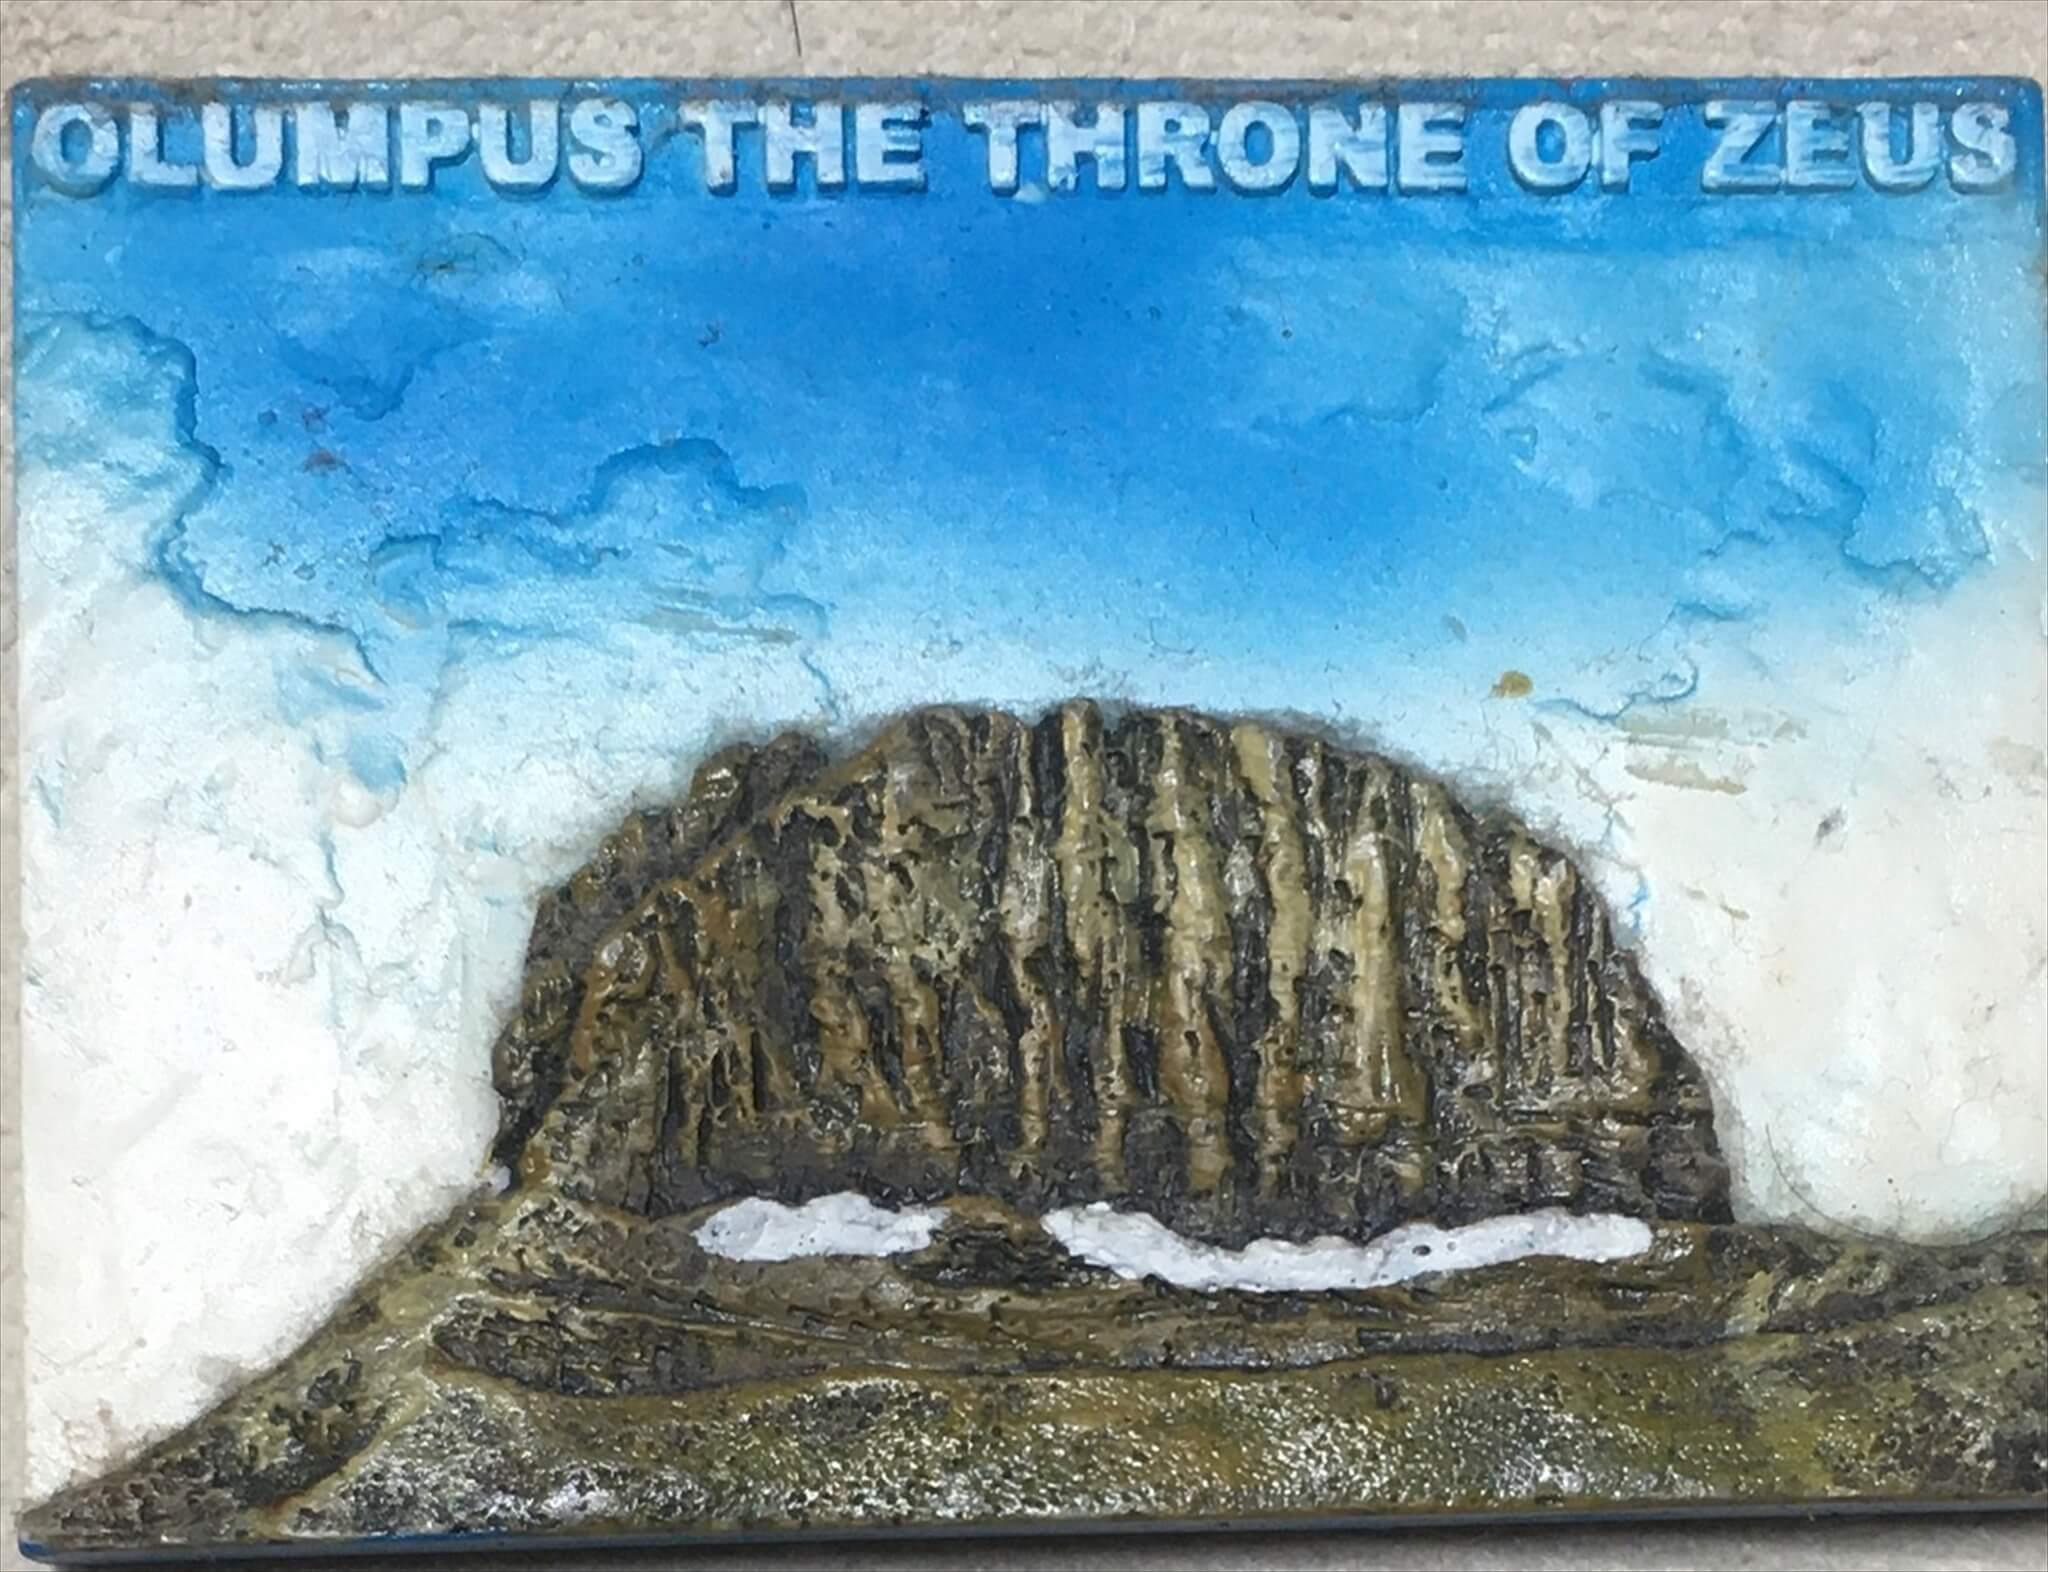 オリンポス土産のマグネット。この巨壁の眺めを見落とした!